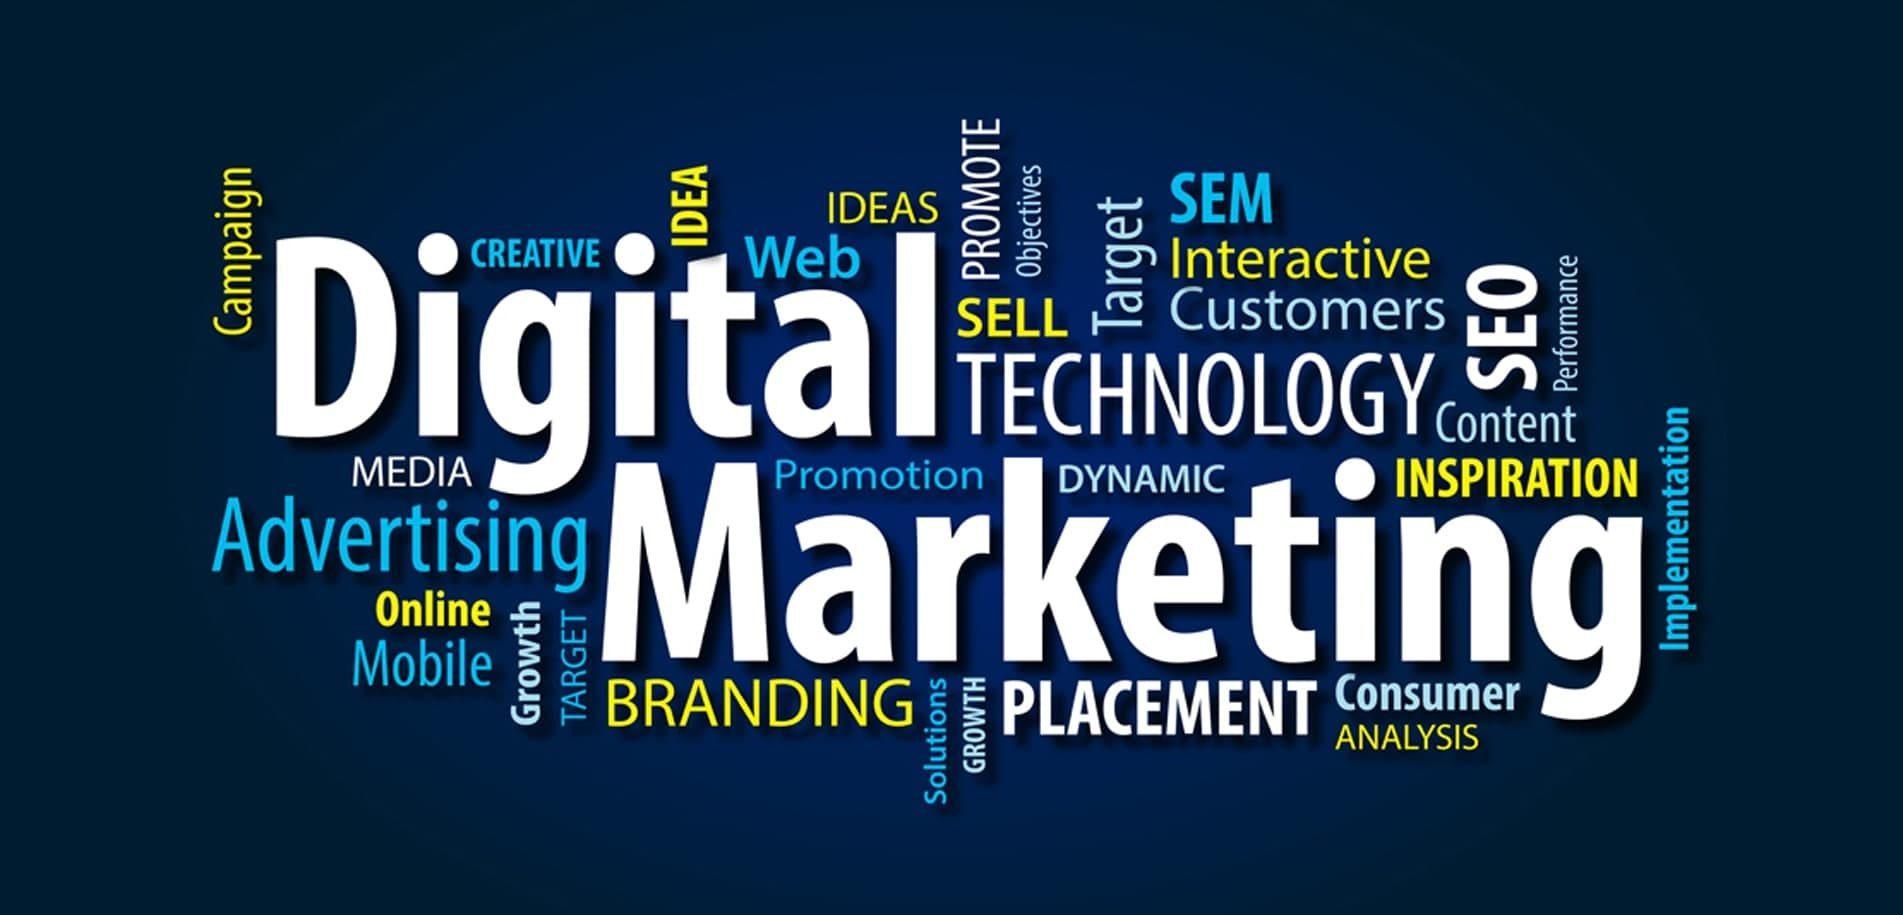 digital marketing course in jalandhar